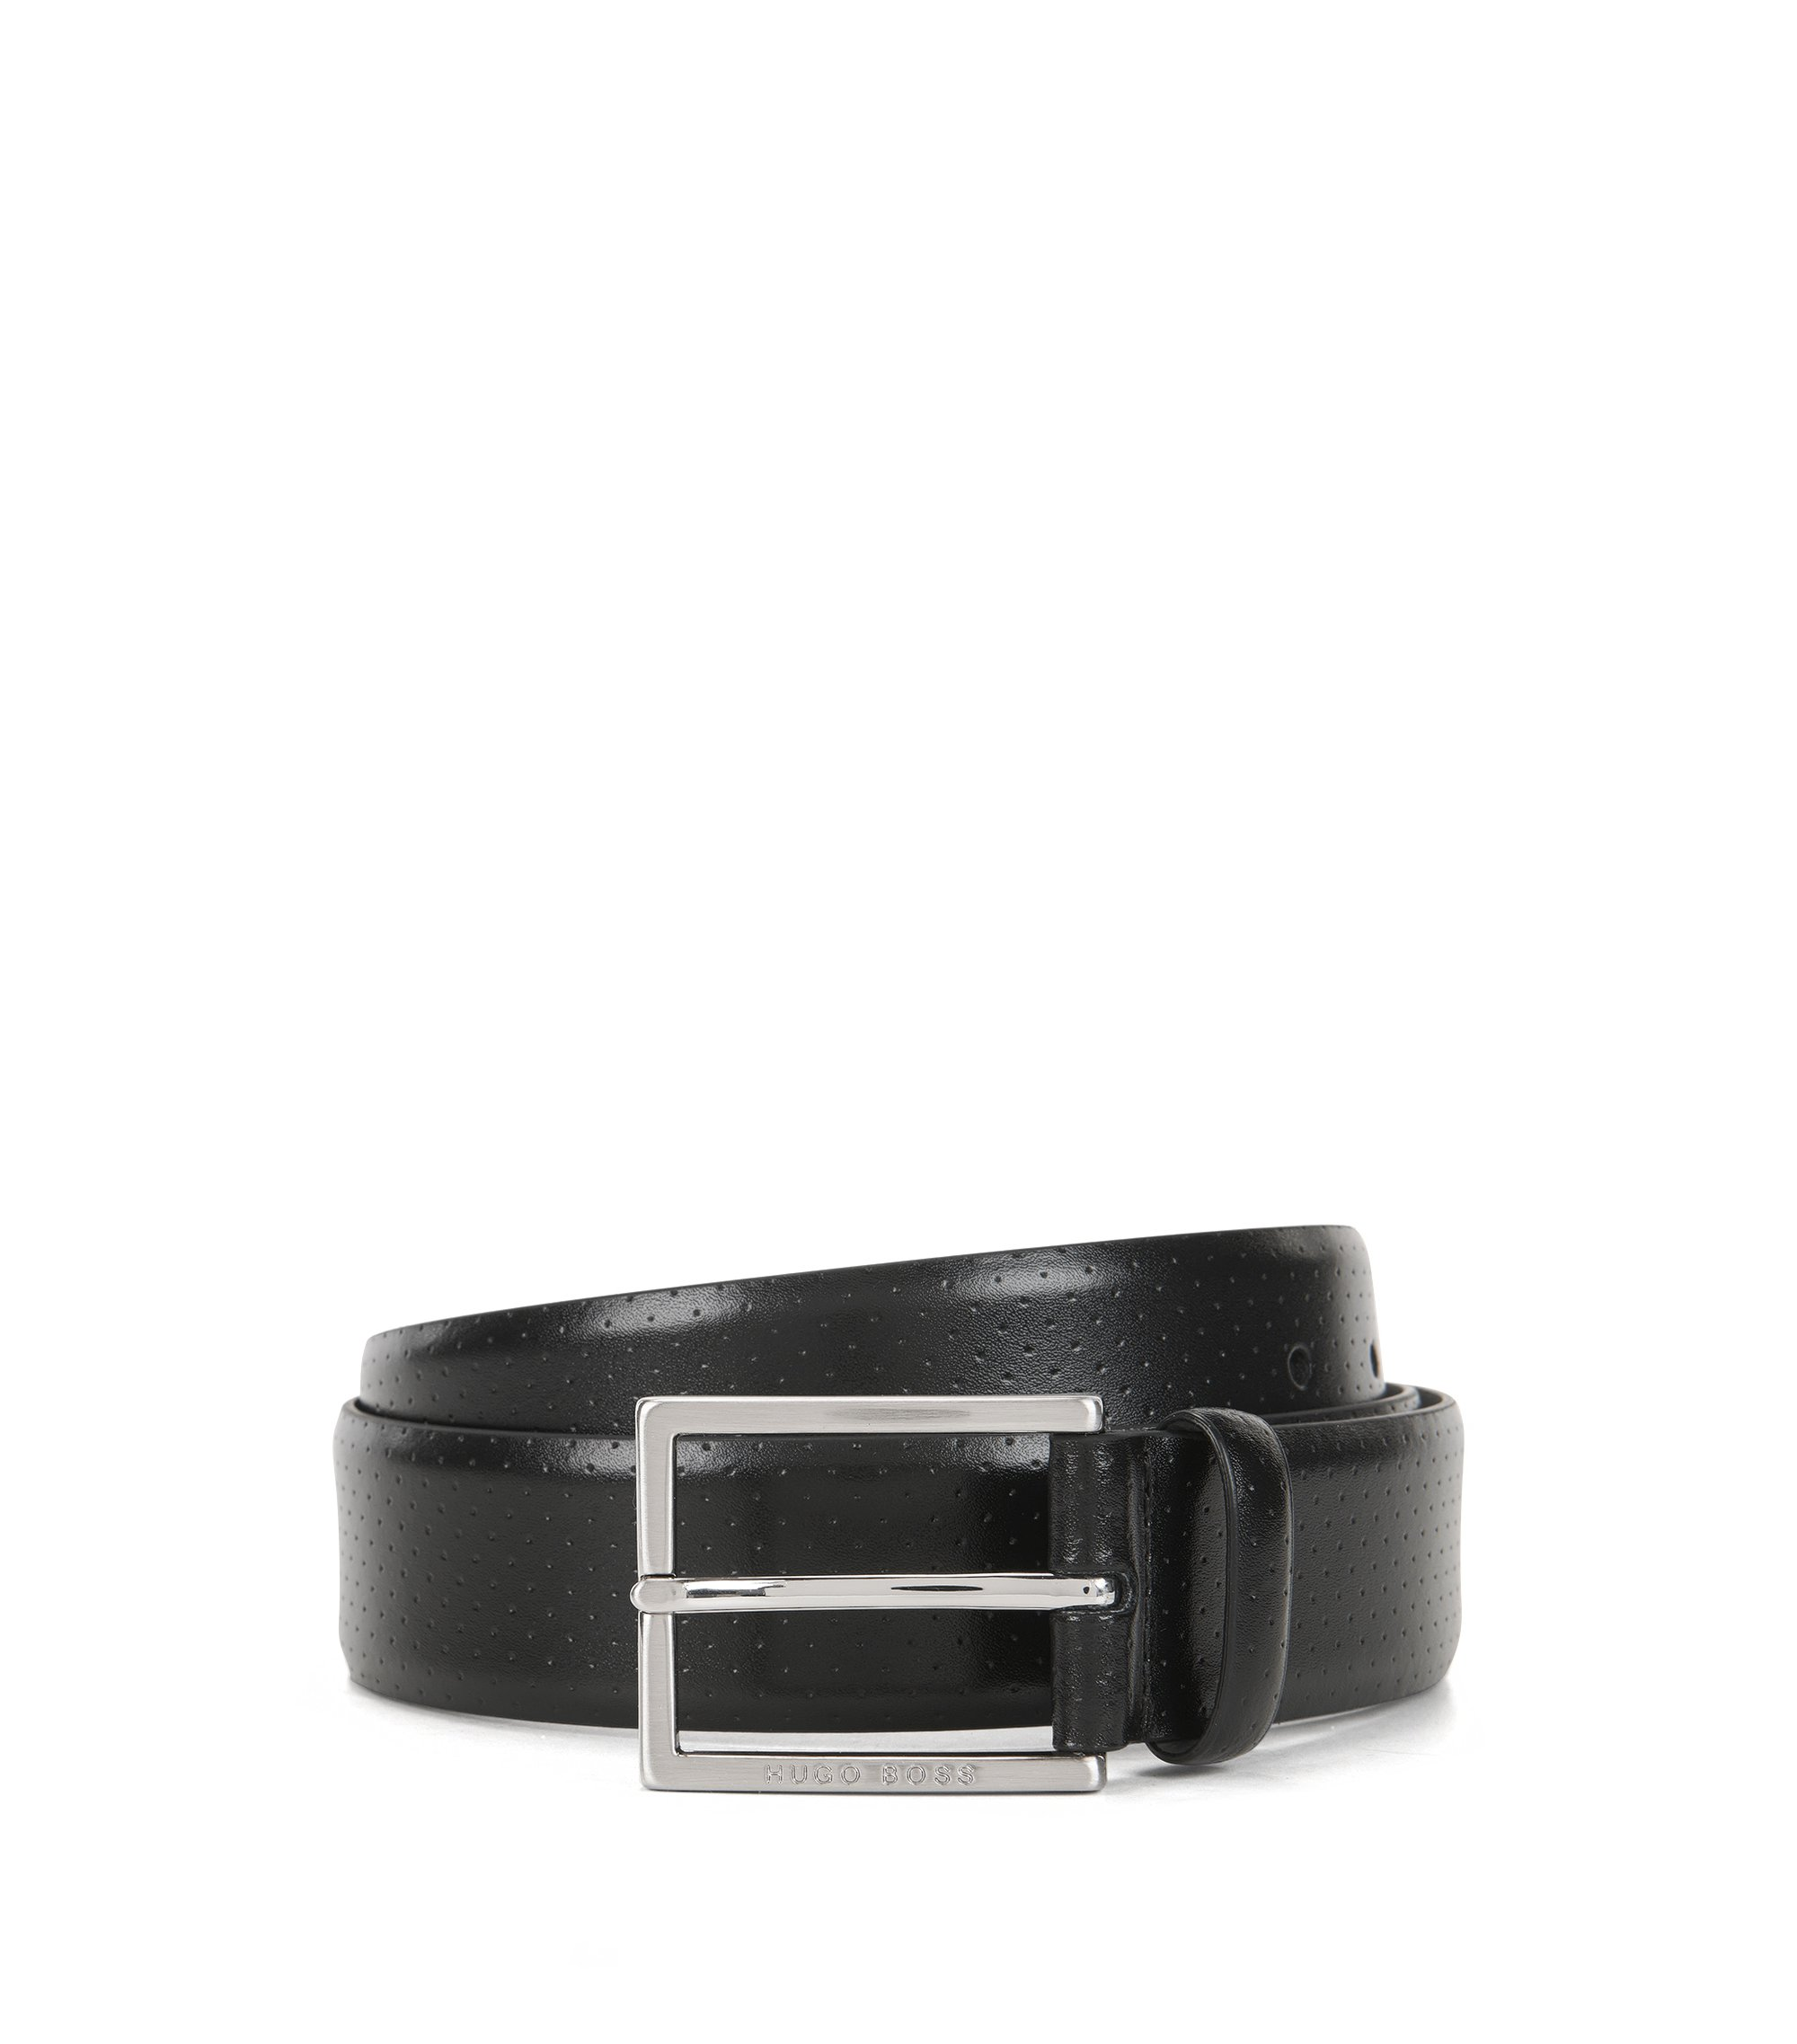 Cinturón de piel perforada con hebilla, Negro